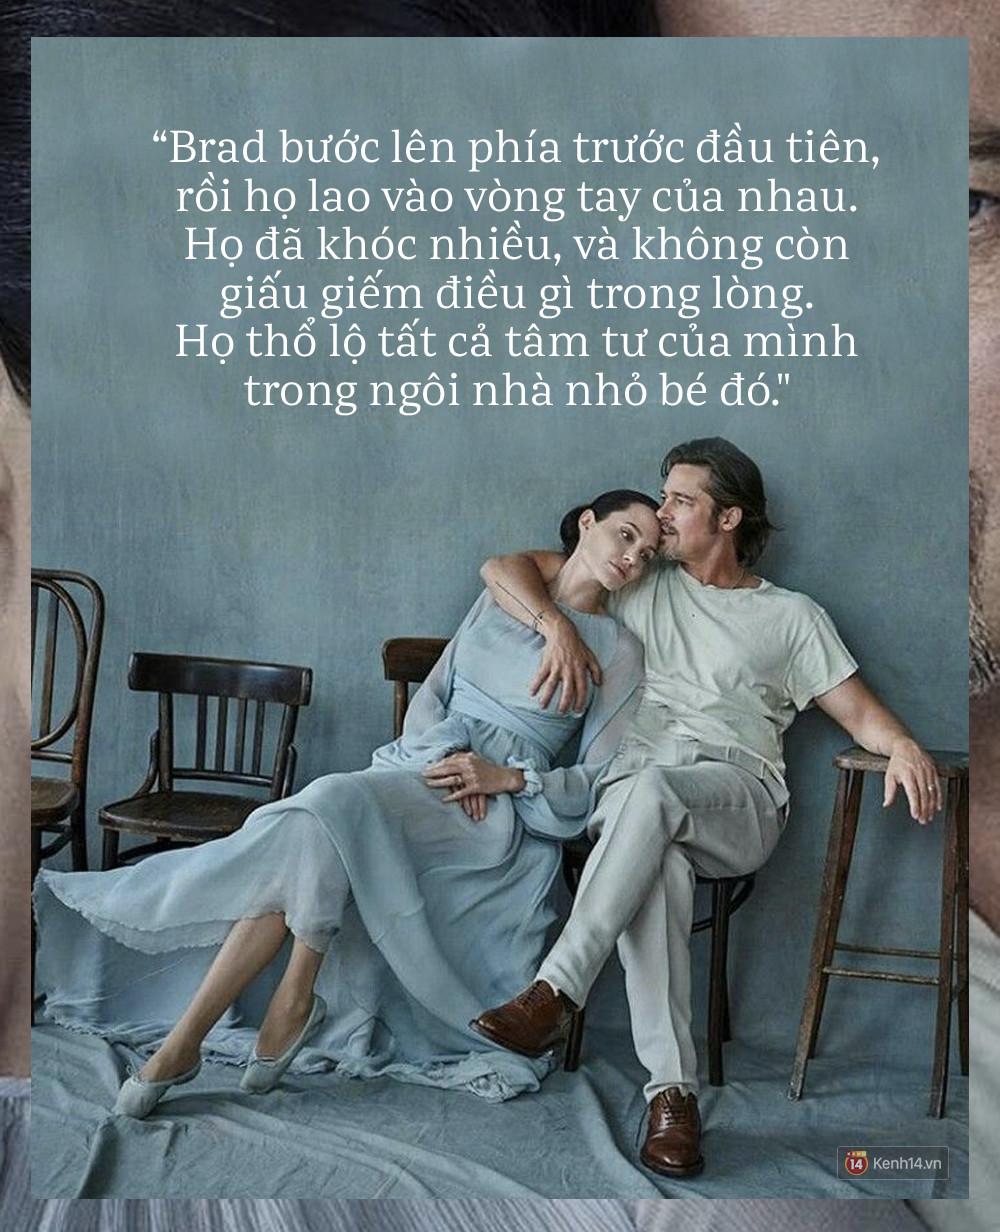 Tình yêu cũng cần một kỳ nghỉ, giống như cách Angelina Jolie và Brad Pitt đã làm để lại được ở bên nhau lần nữa - Ảnh 2.